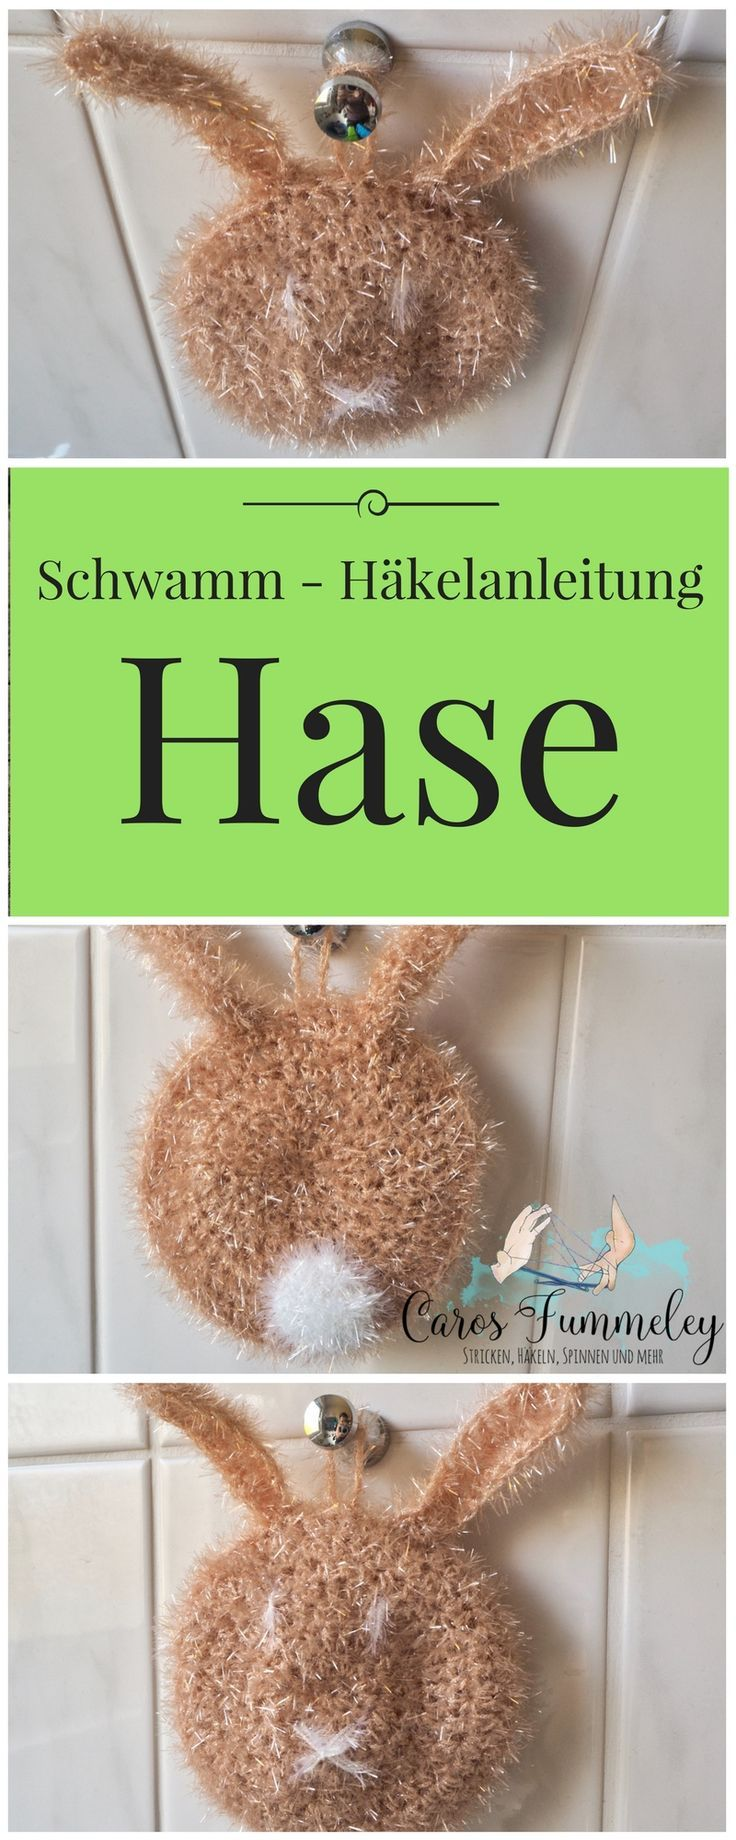 Osterhase - Spülschwamm zum Häkeln aus rico creative bubble Garn - Hasenanleitung